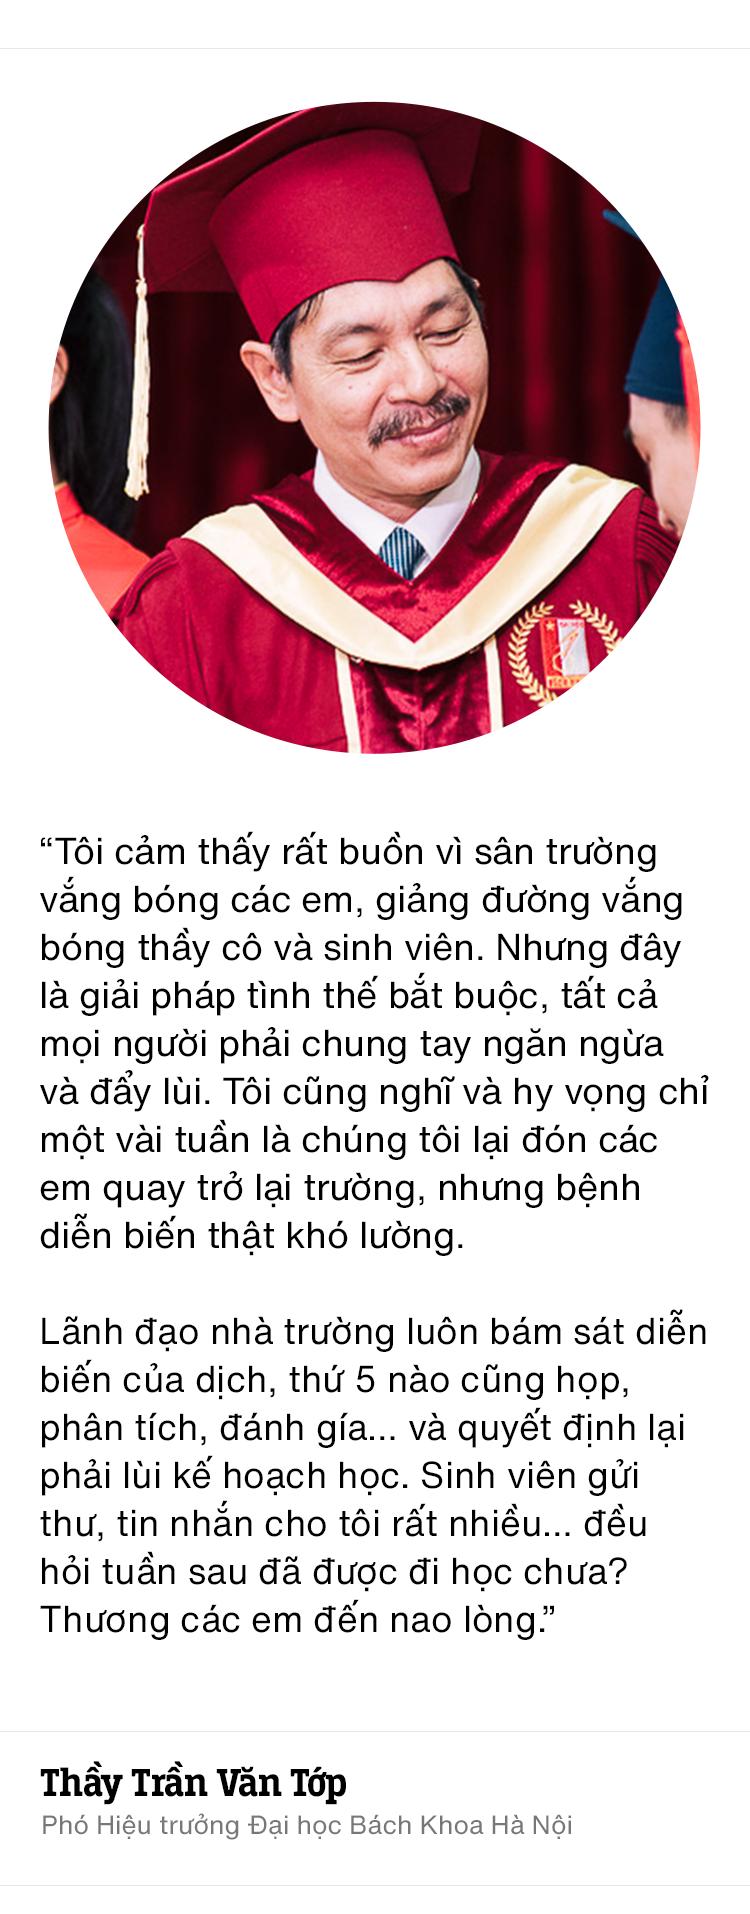 """""""Kỳ nghỉ Tết"""" dài nhất lịch sử của học sinh, sinh viên Việt Nam: Đây là lúc để chúng ta cùng thay đổi và tiến lên - ảnh 8"""